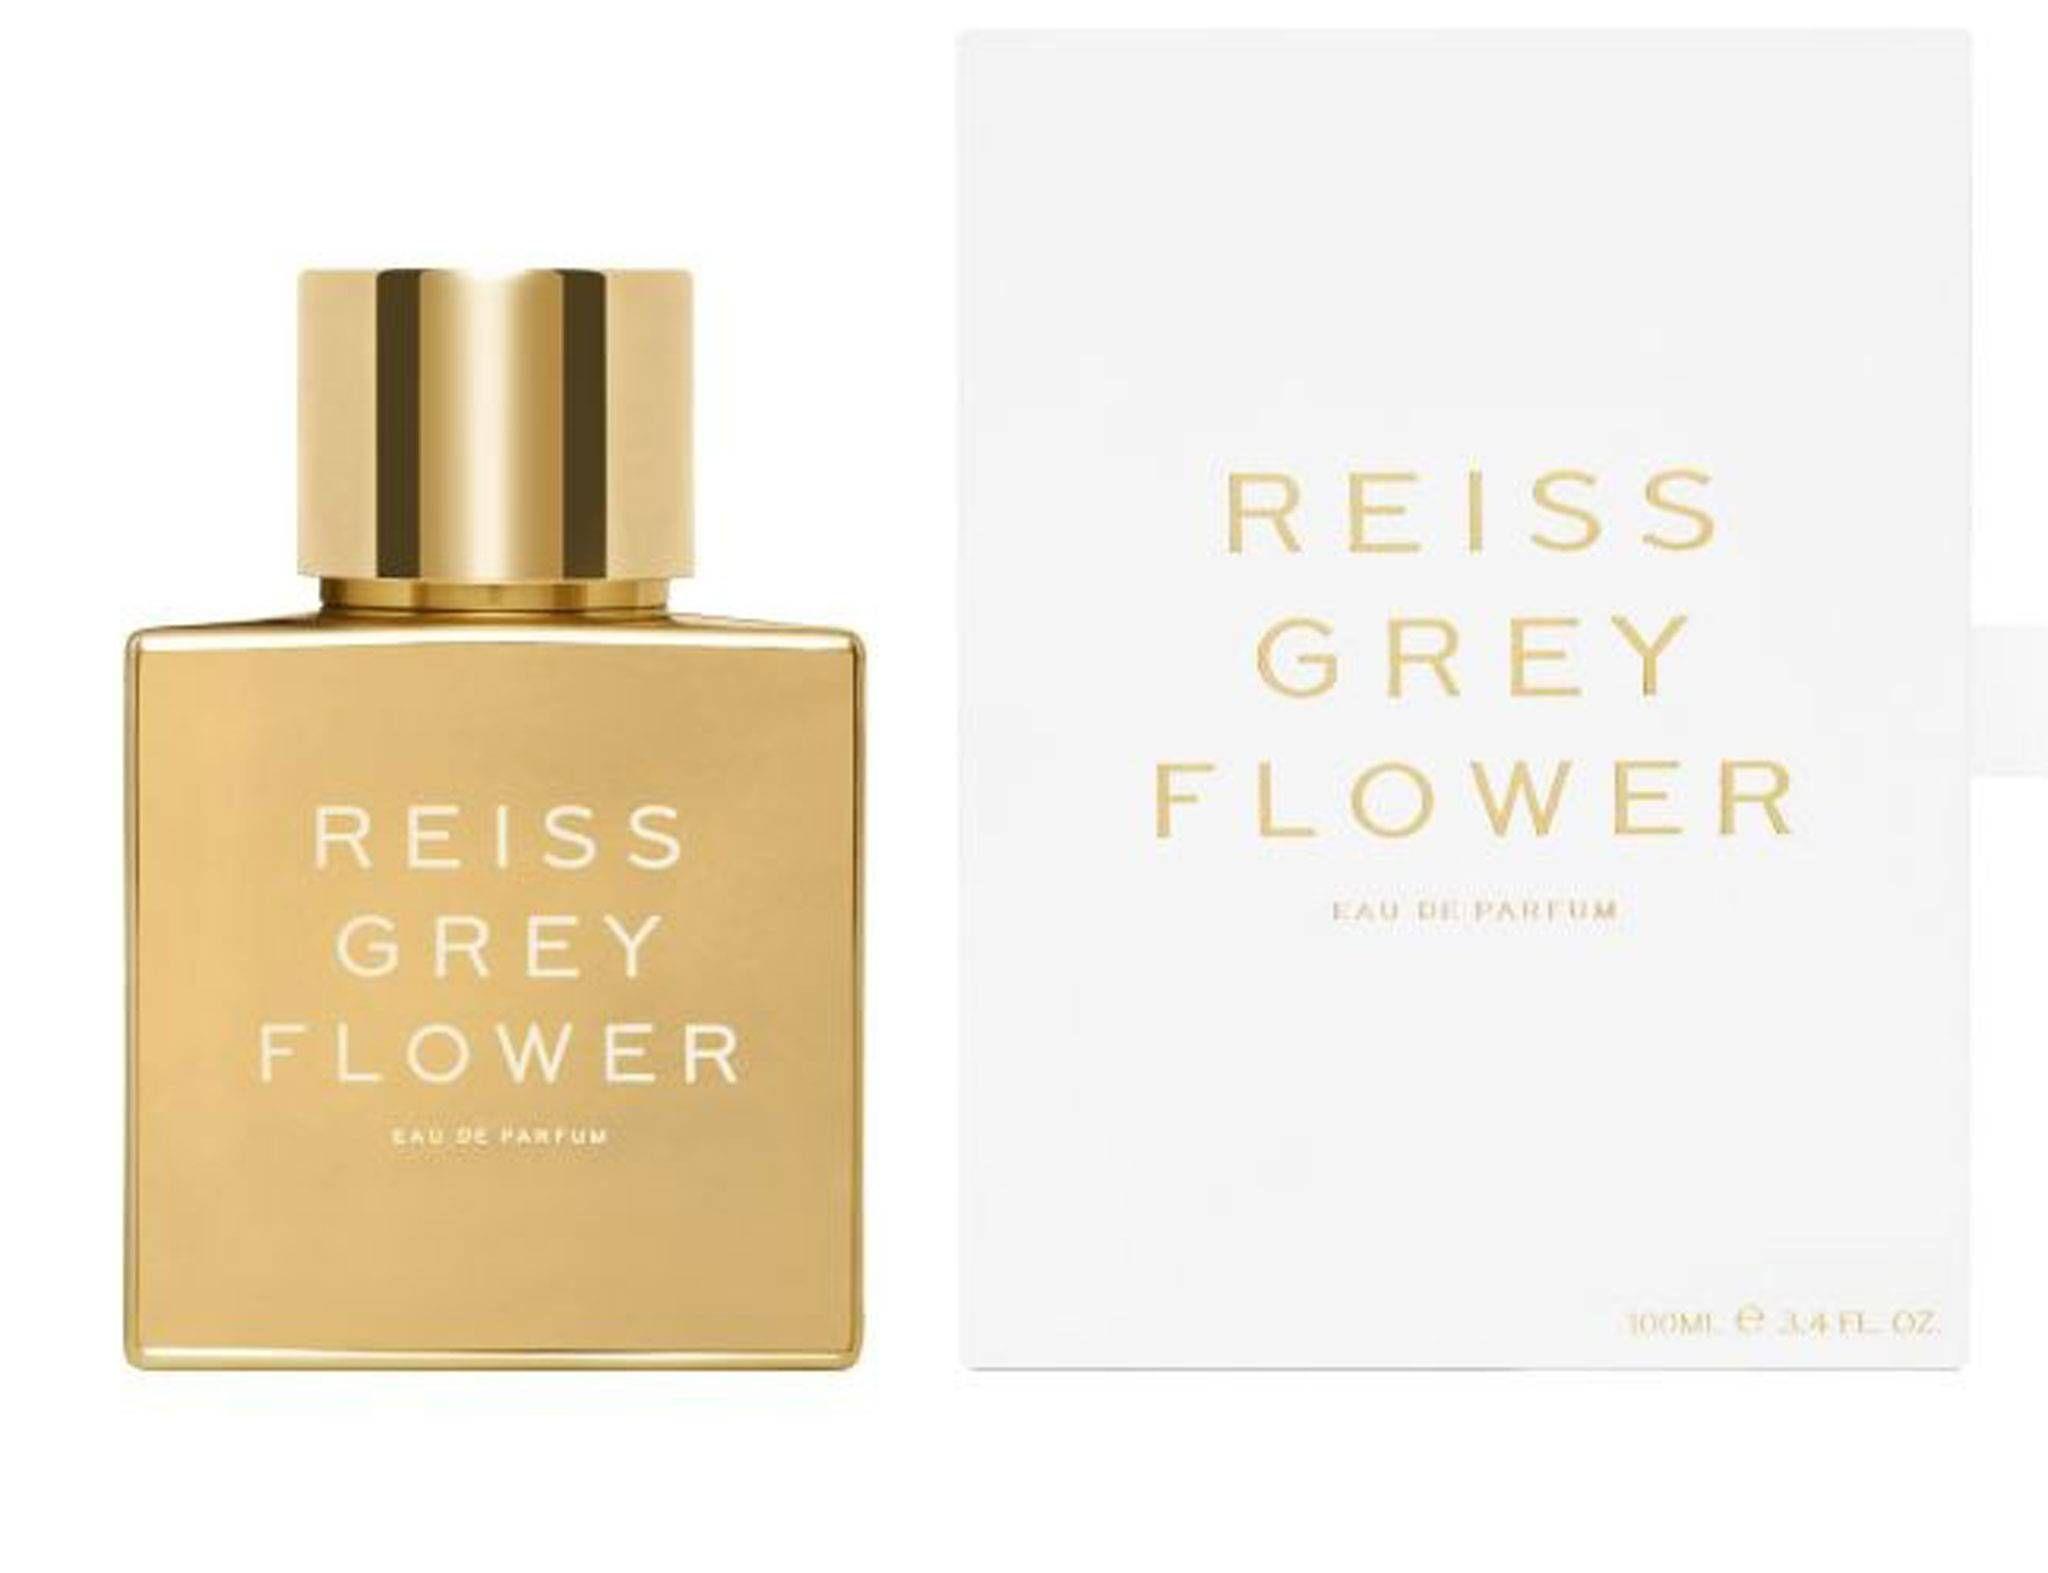 Reiss' Debut Men's Fragrance pics